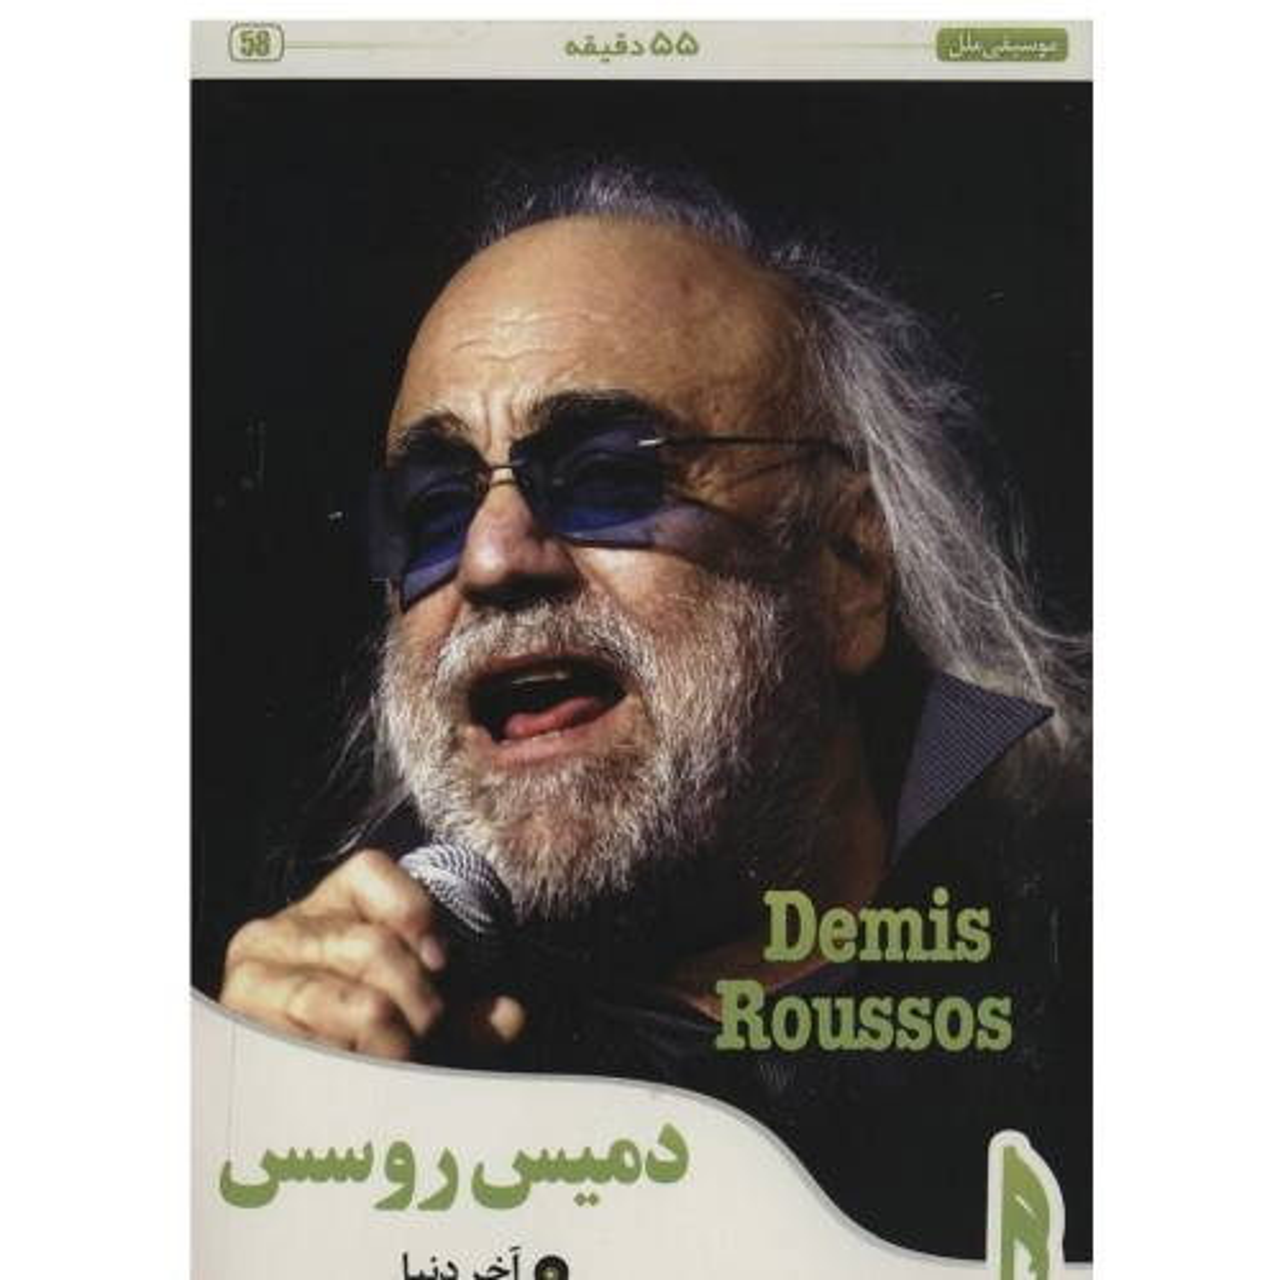 کنسرت آخر دنیا اثر دمیس روسس